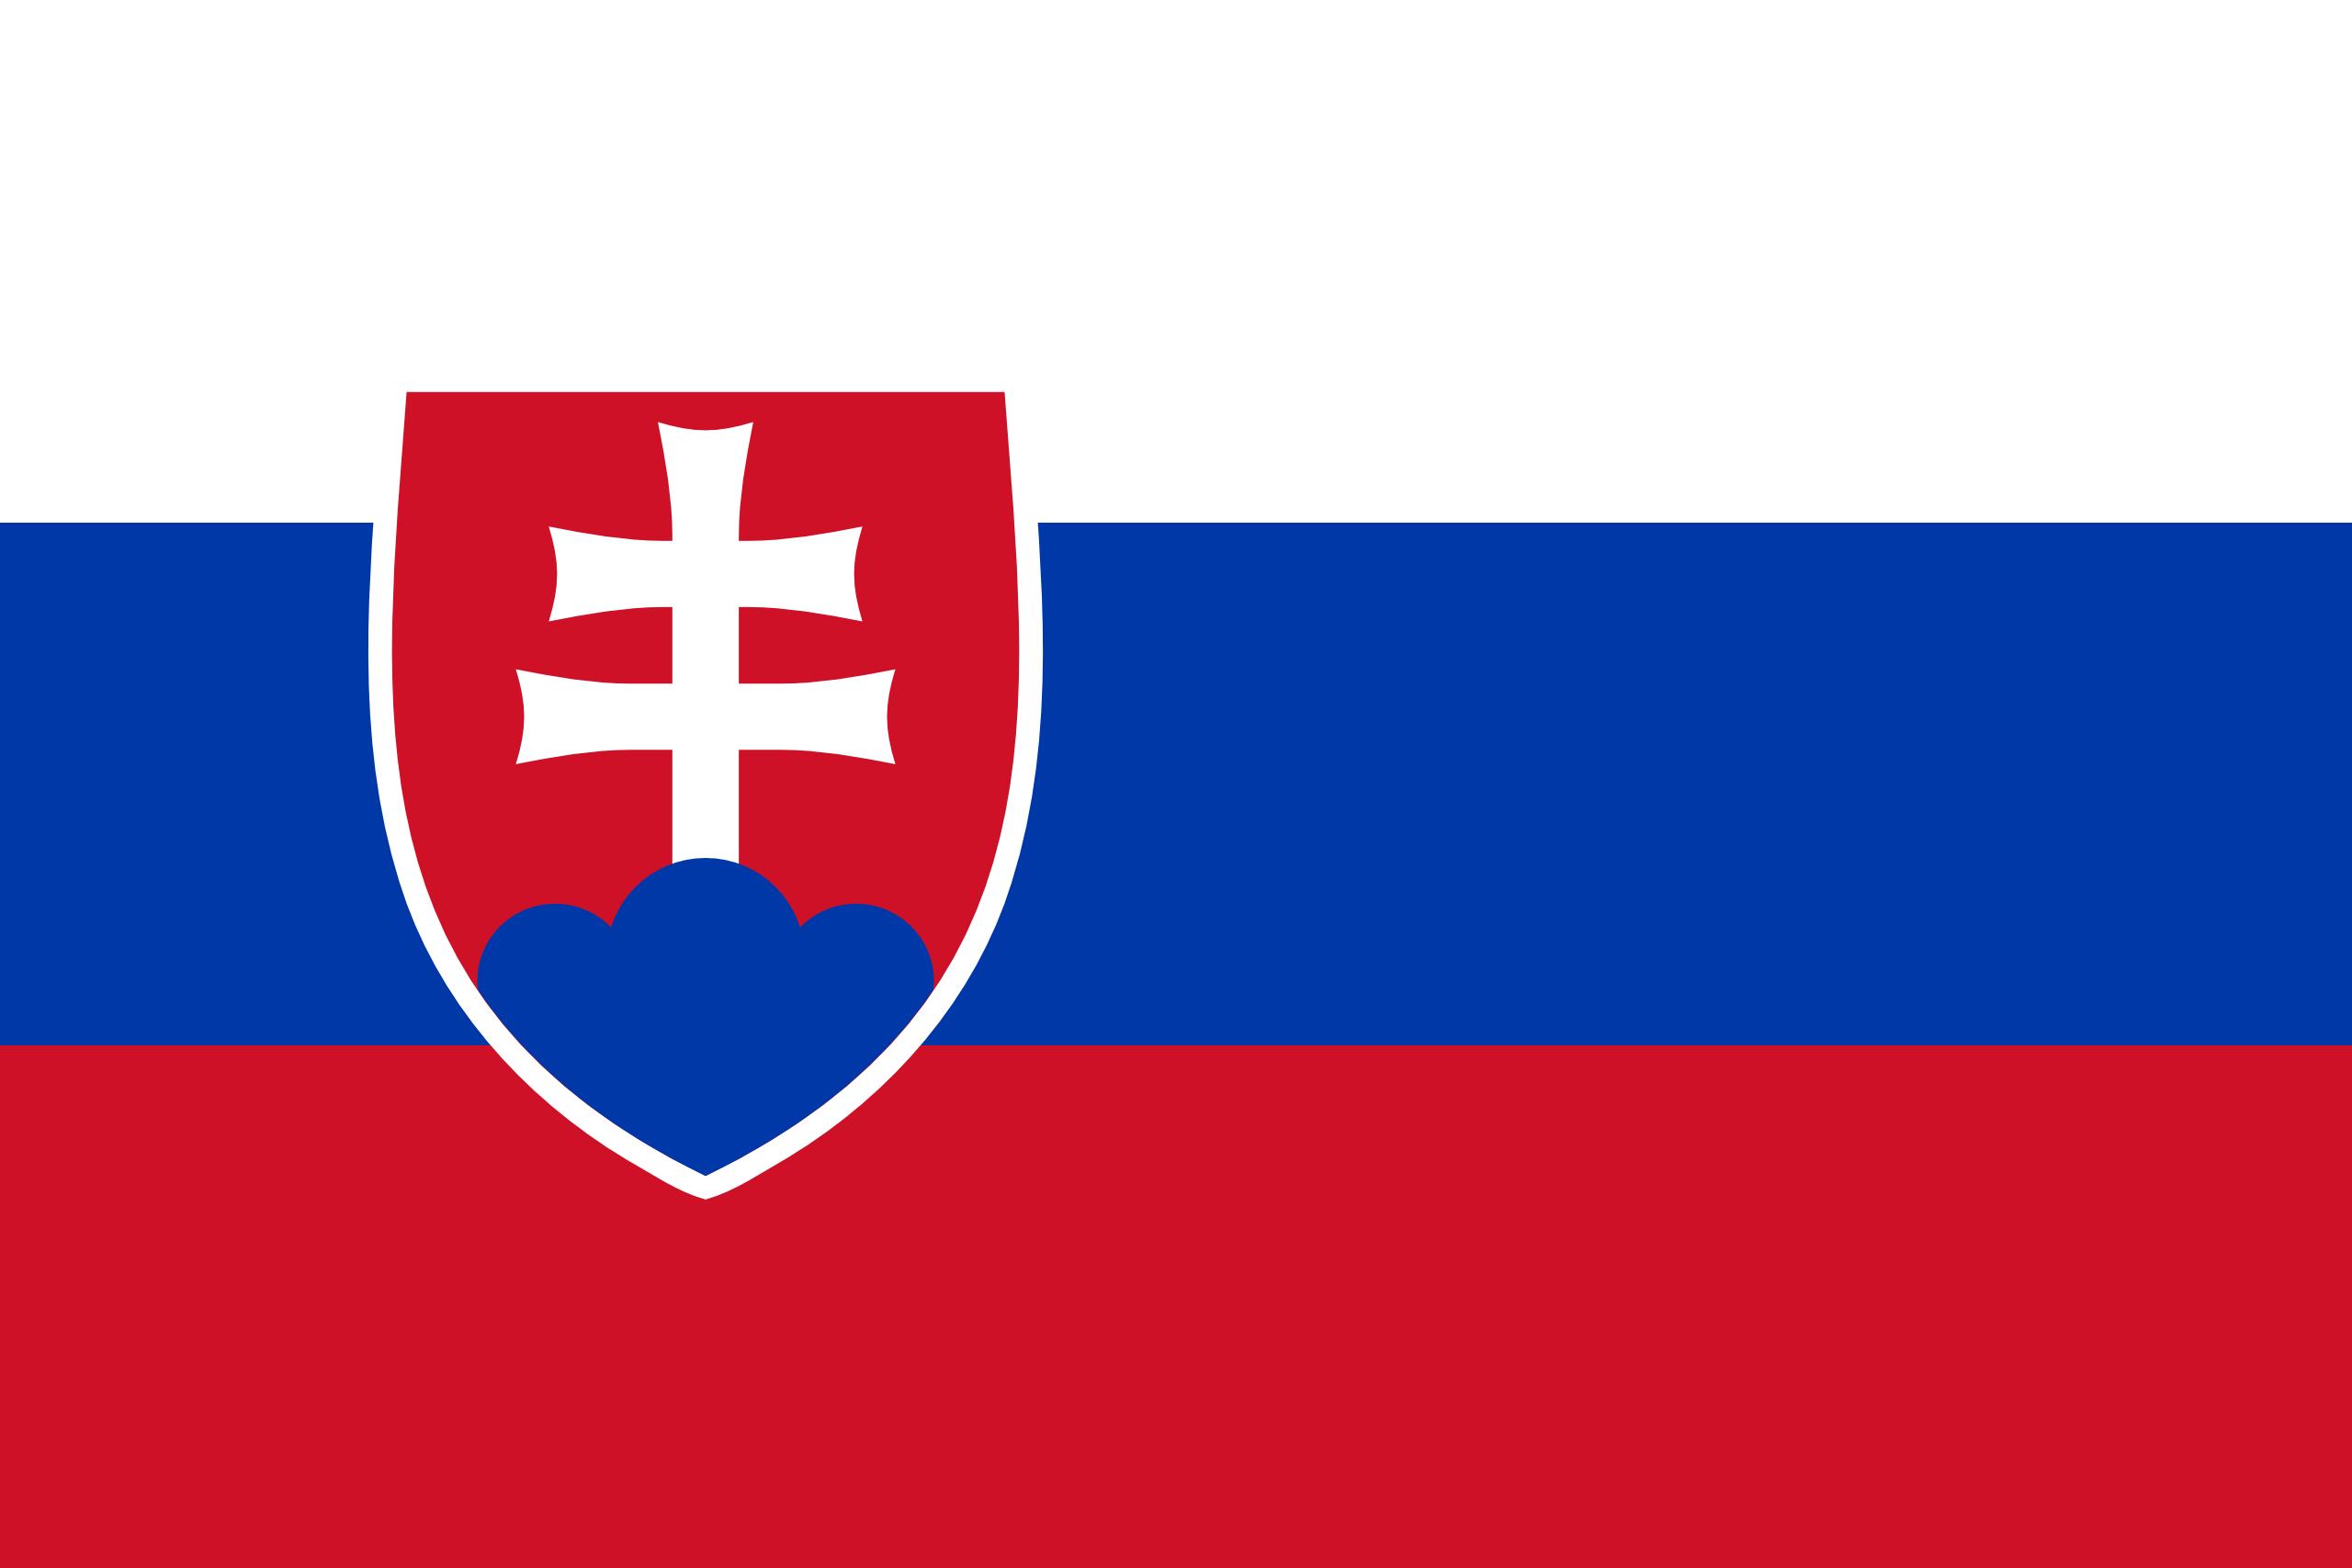 Словакия, страна, Эмблема, логотип, символ - Обои HD - Профессор falken.com